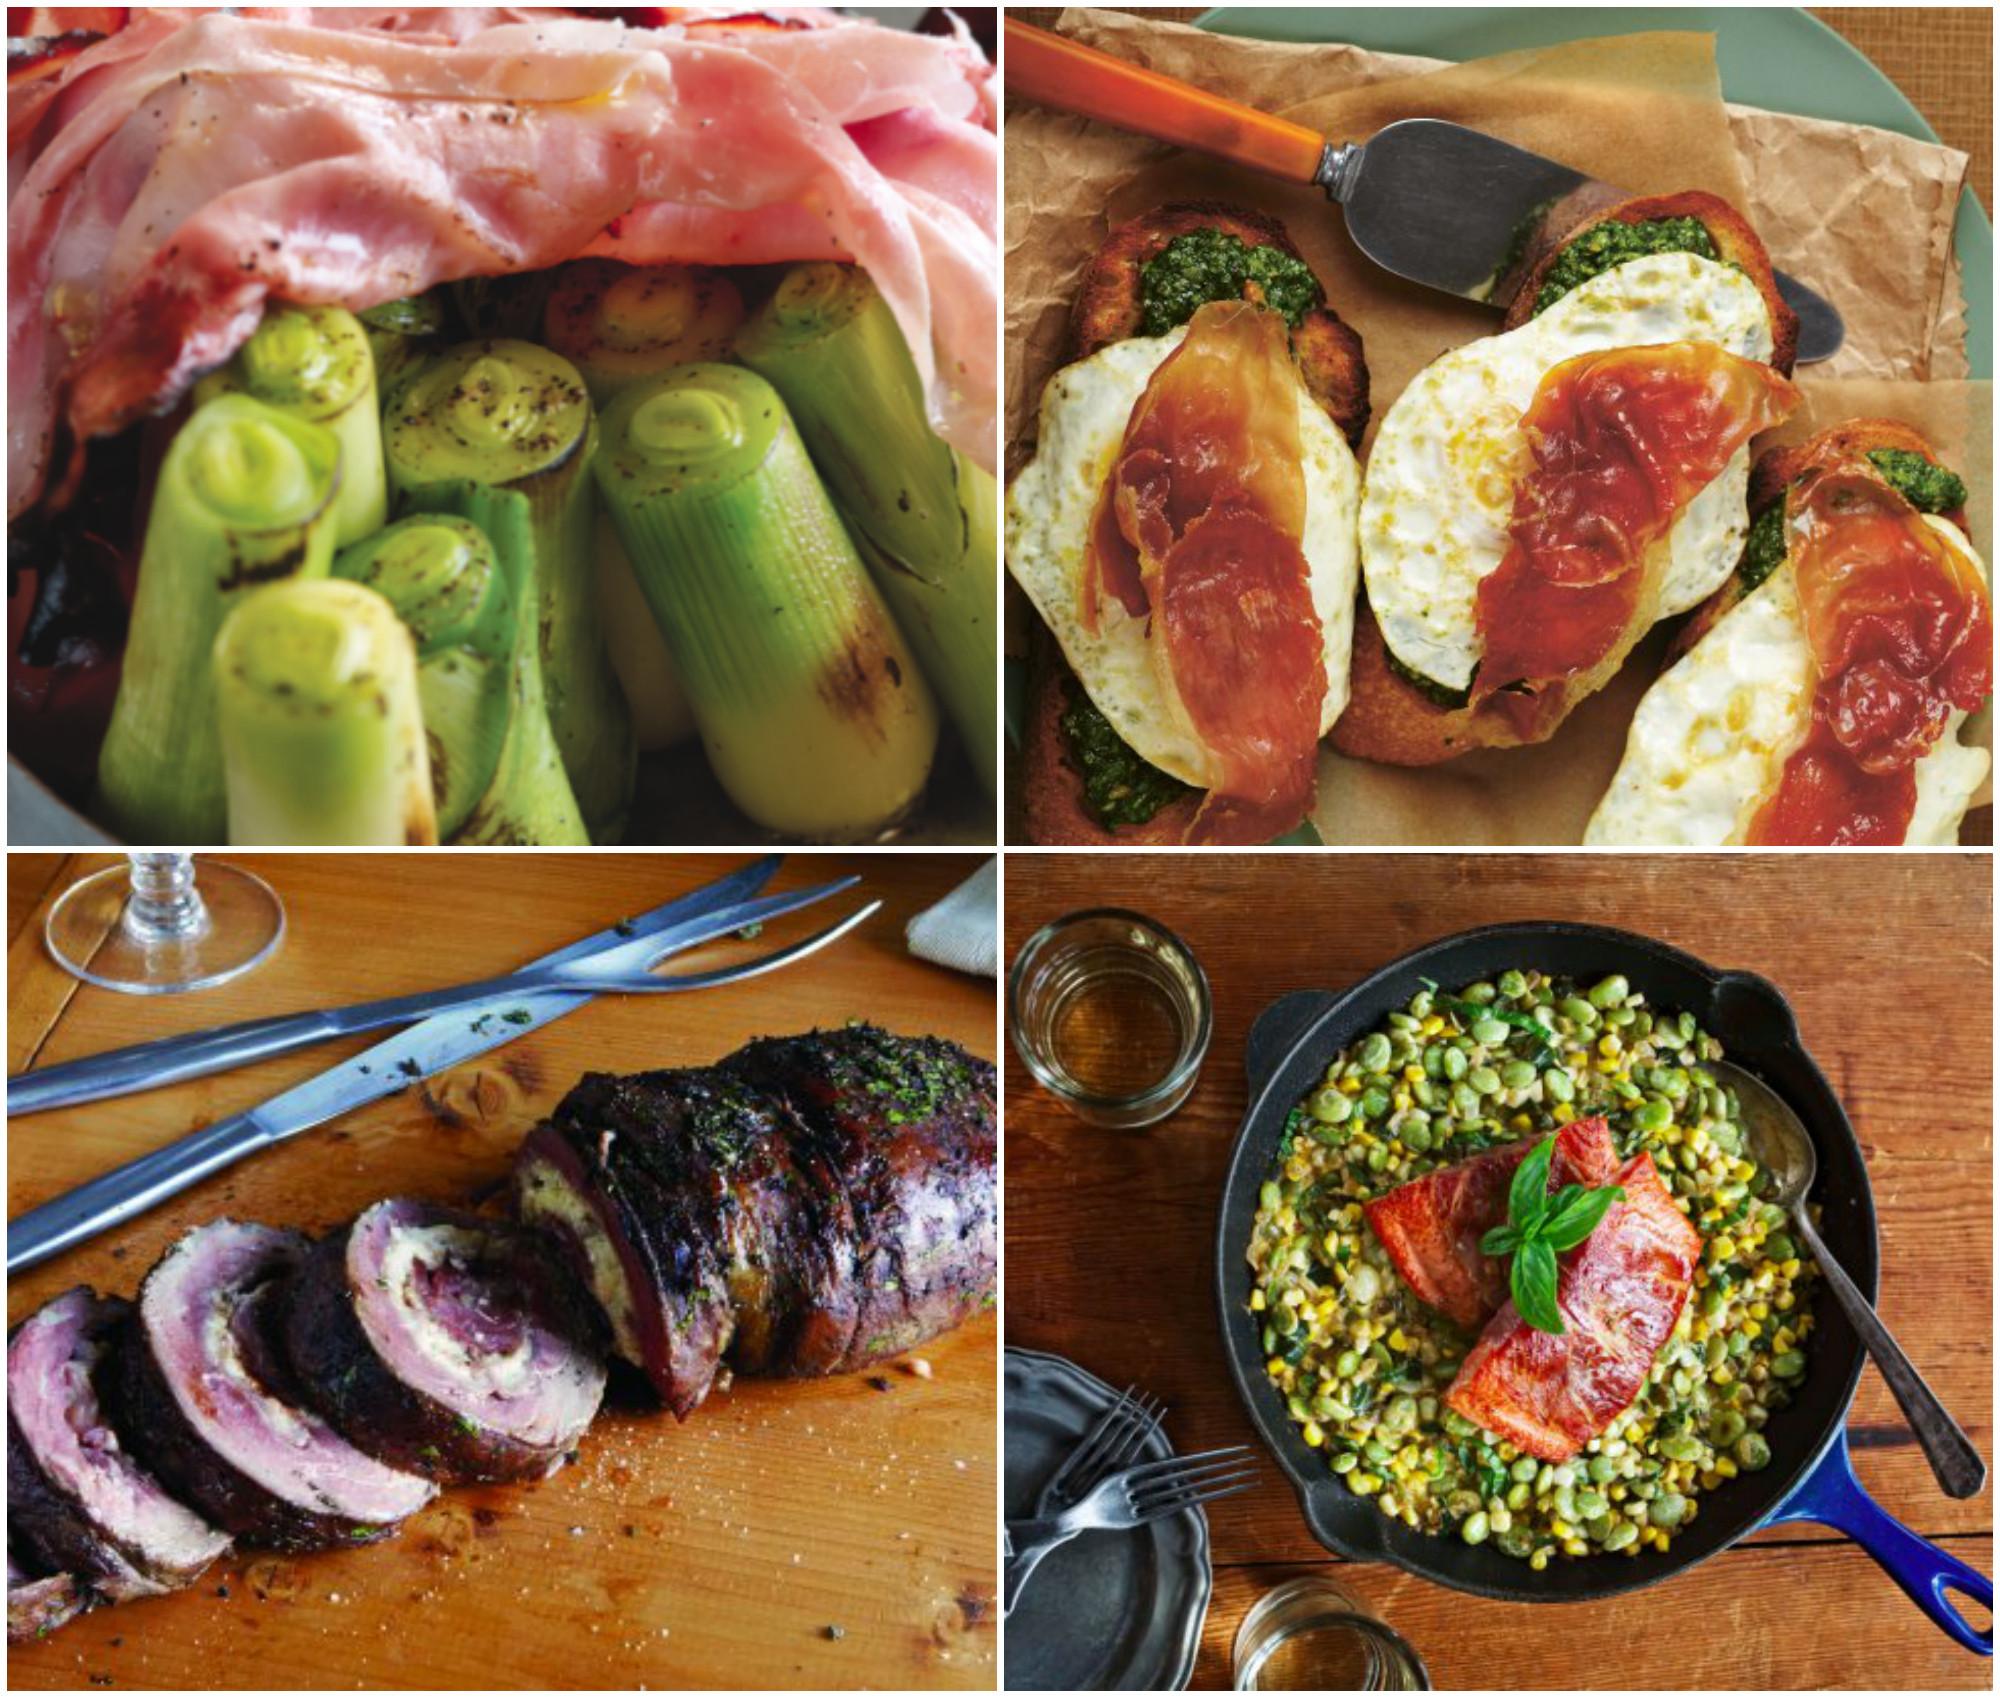 Ideas For Dinner Tonight  8 Ideas For Dinner Tonight Prosciutto Food Republic